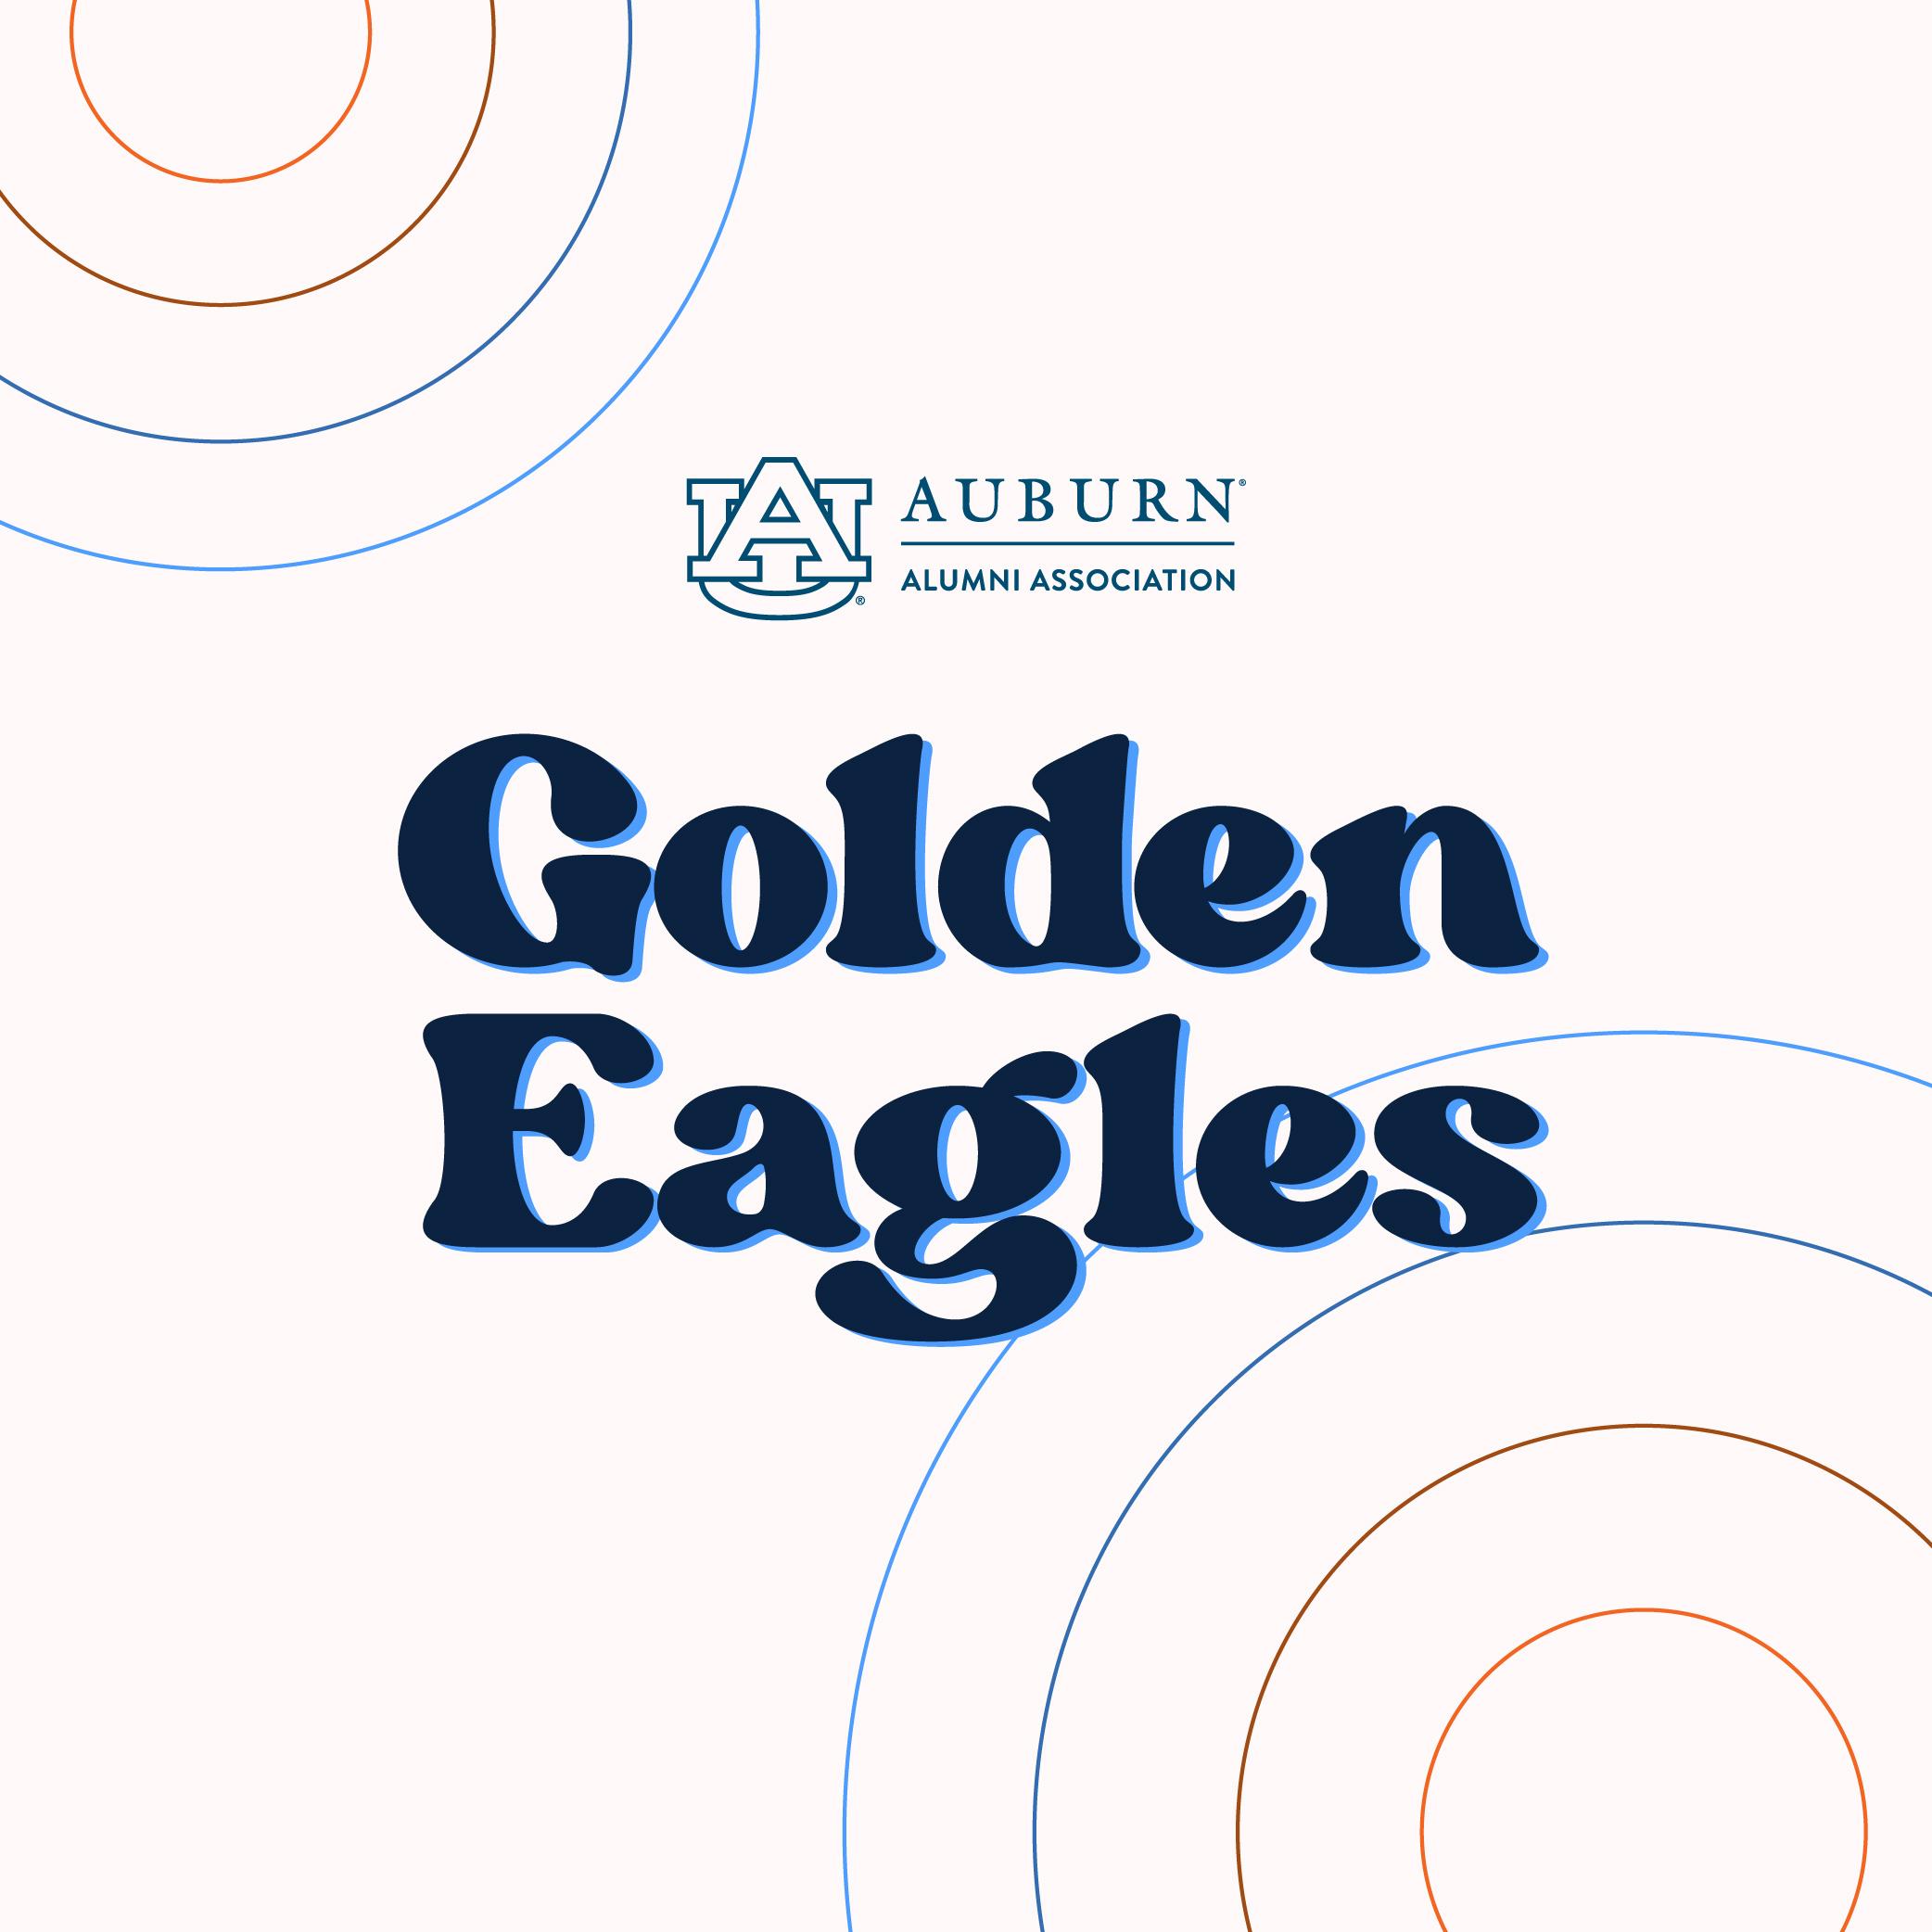 Golden Eagles Celebration Graphic